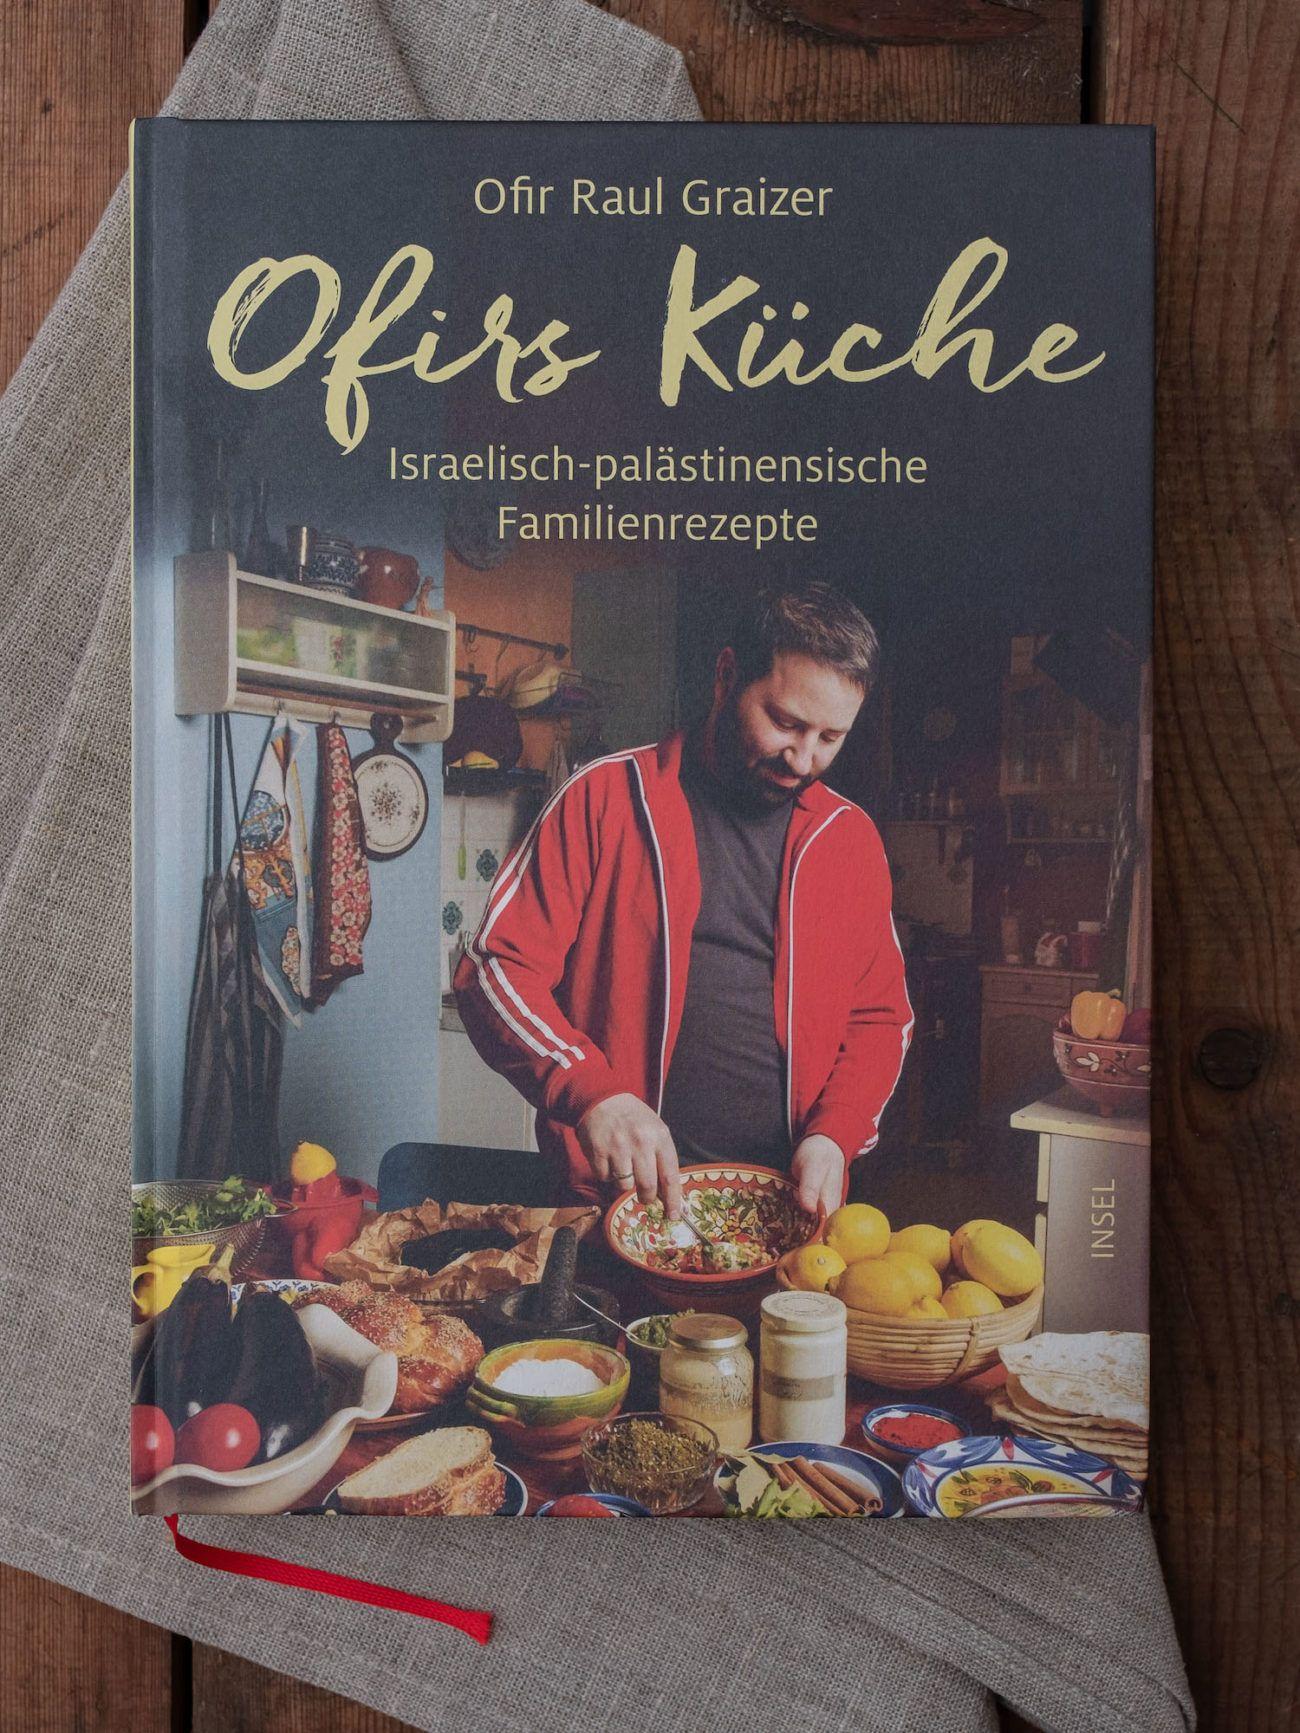 About Fuel, Ofir Raul Graizer, Kochbuch, Rezept, Ofirs Küche